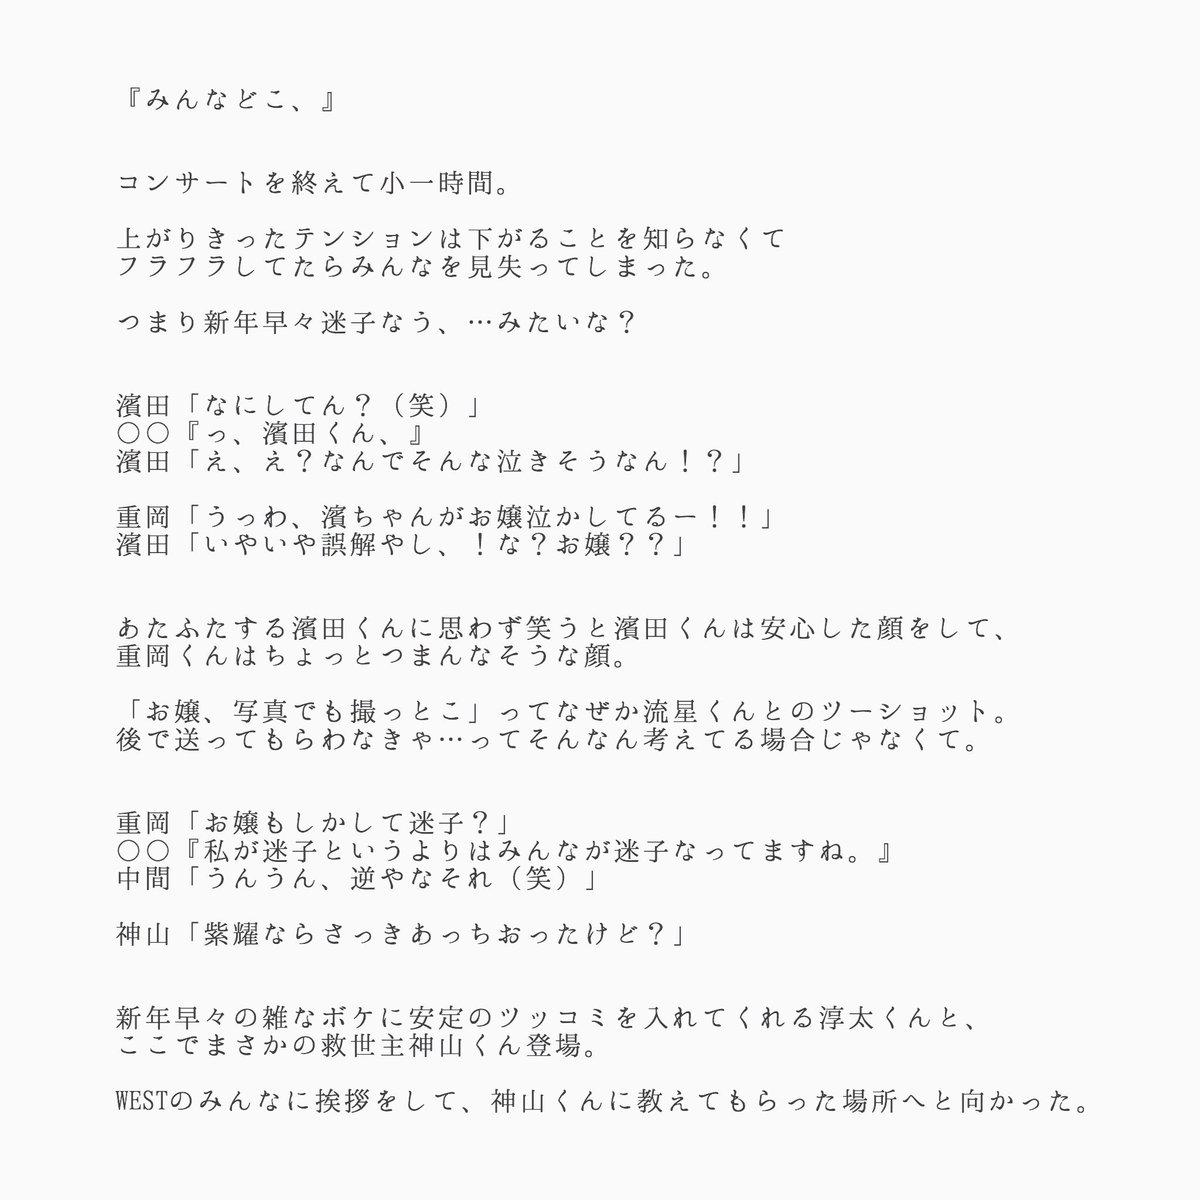 濱田 ジャニーズ カウントダウン